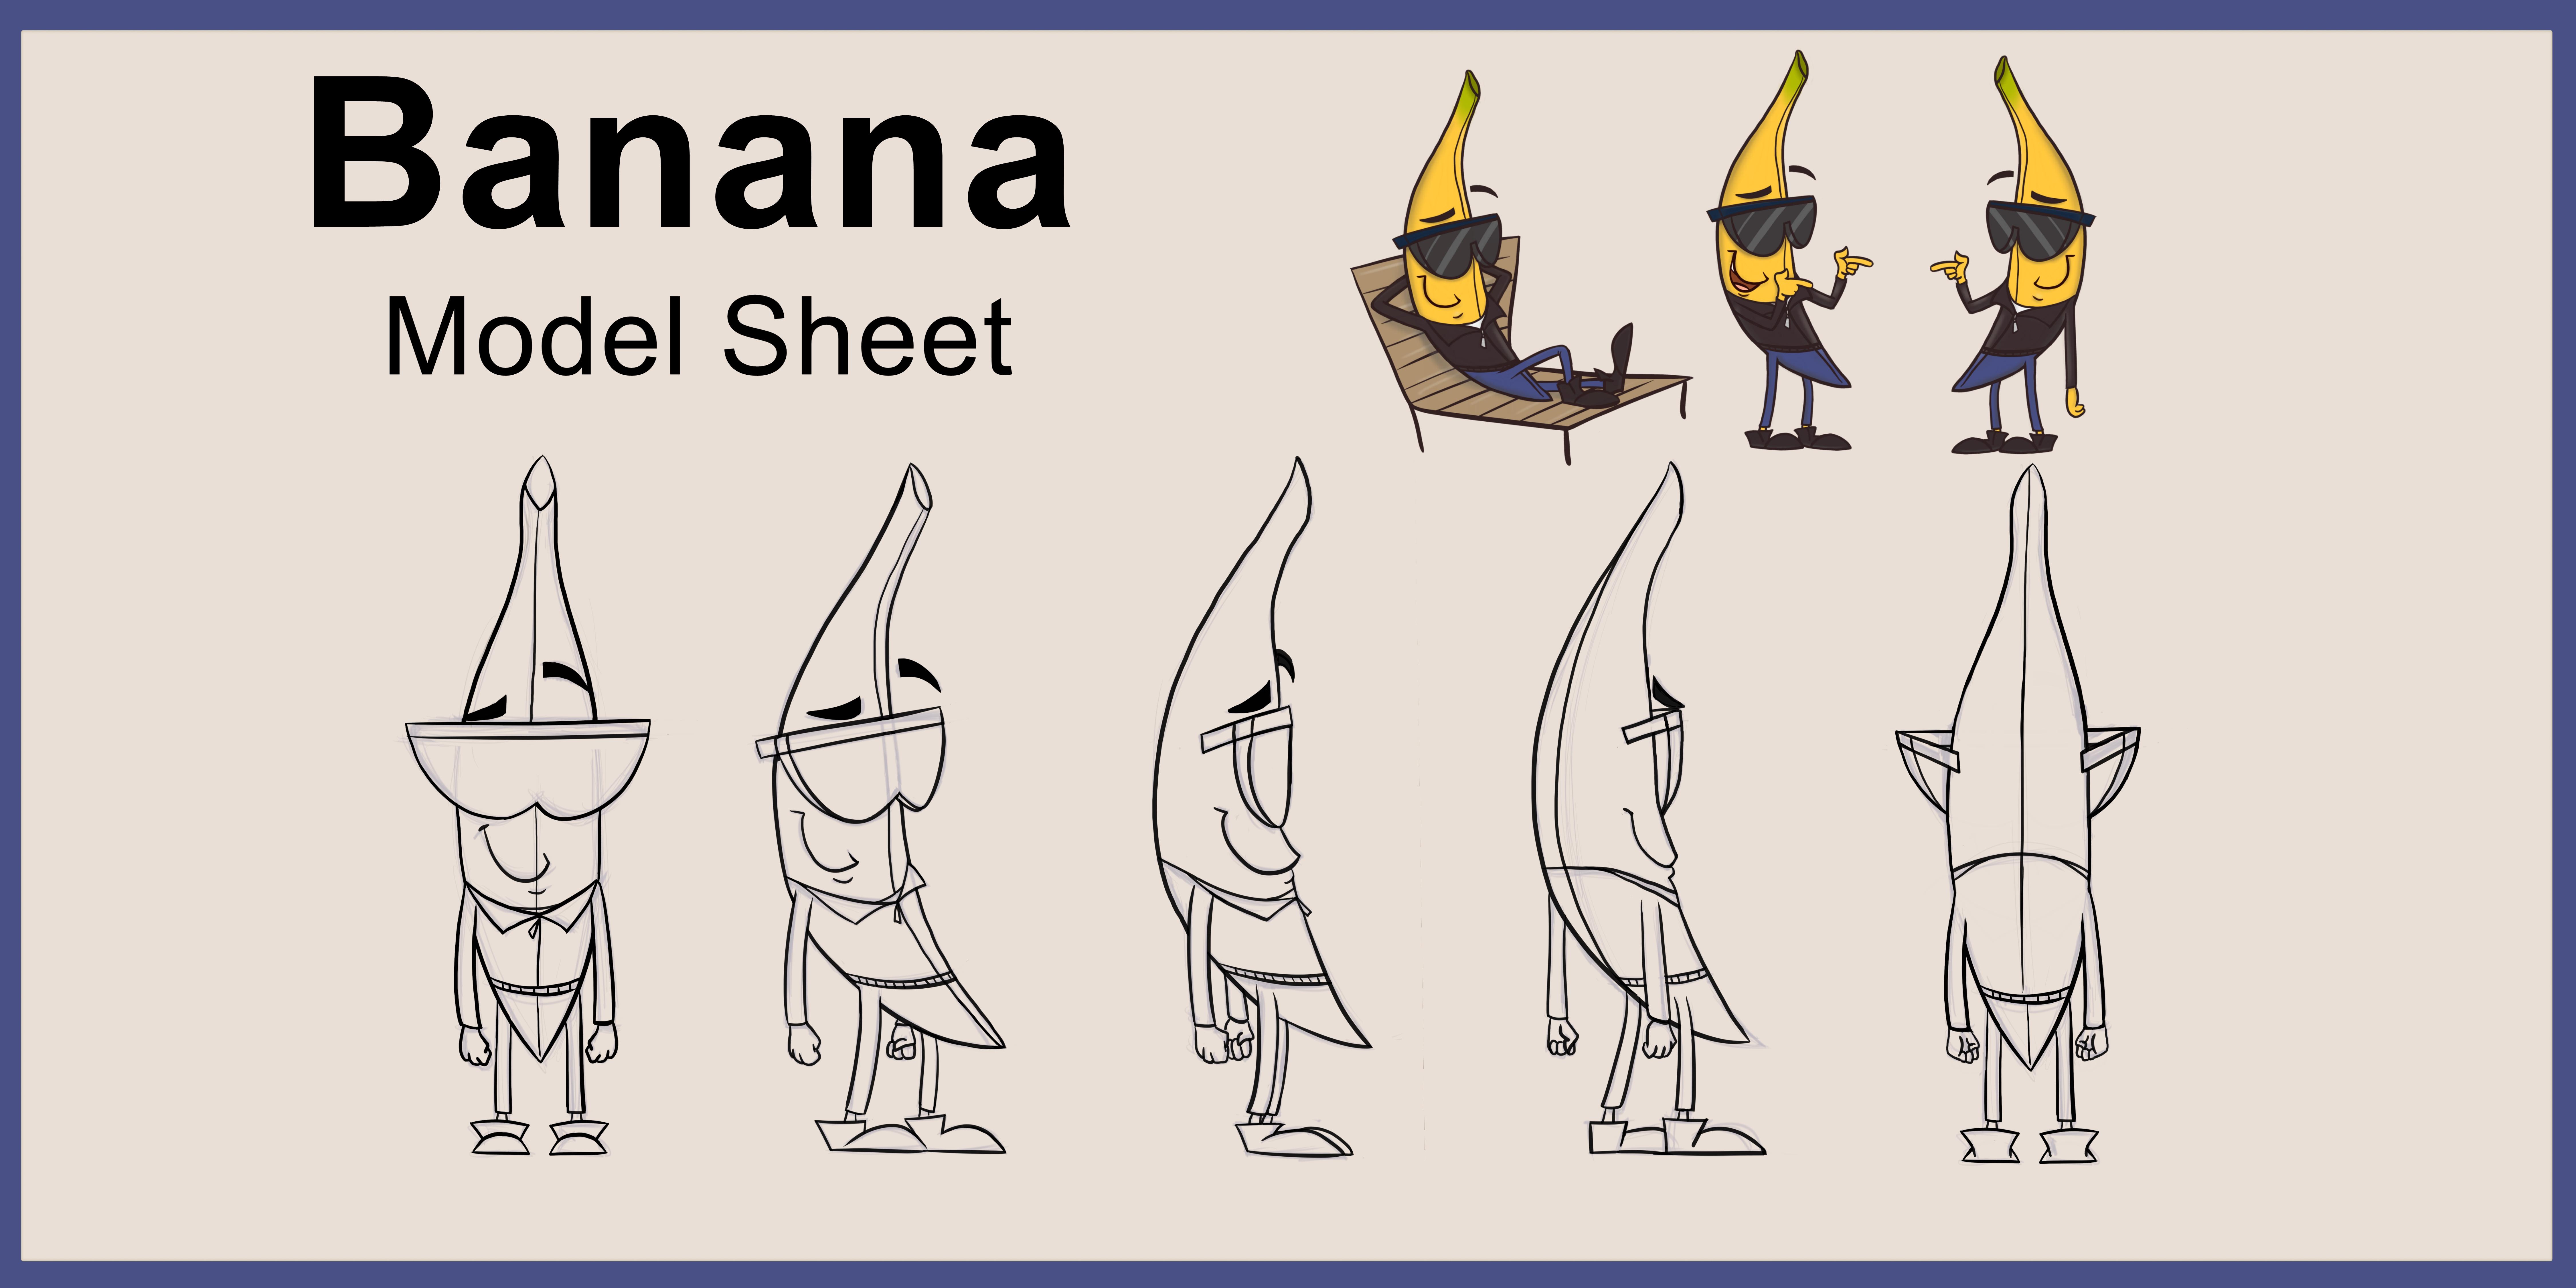 Banana Model Sheet